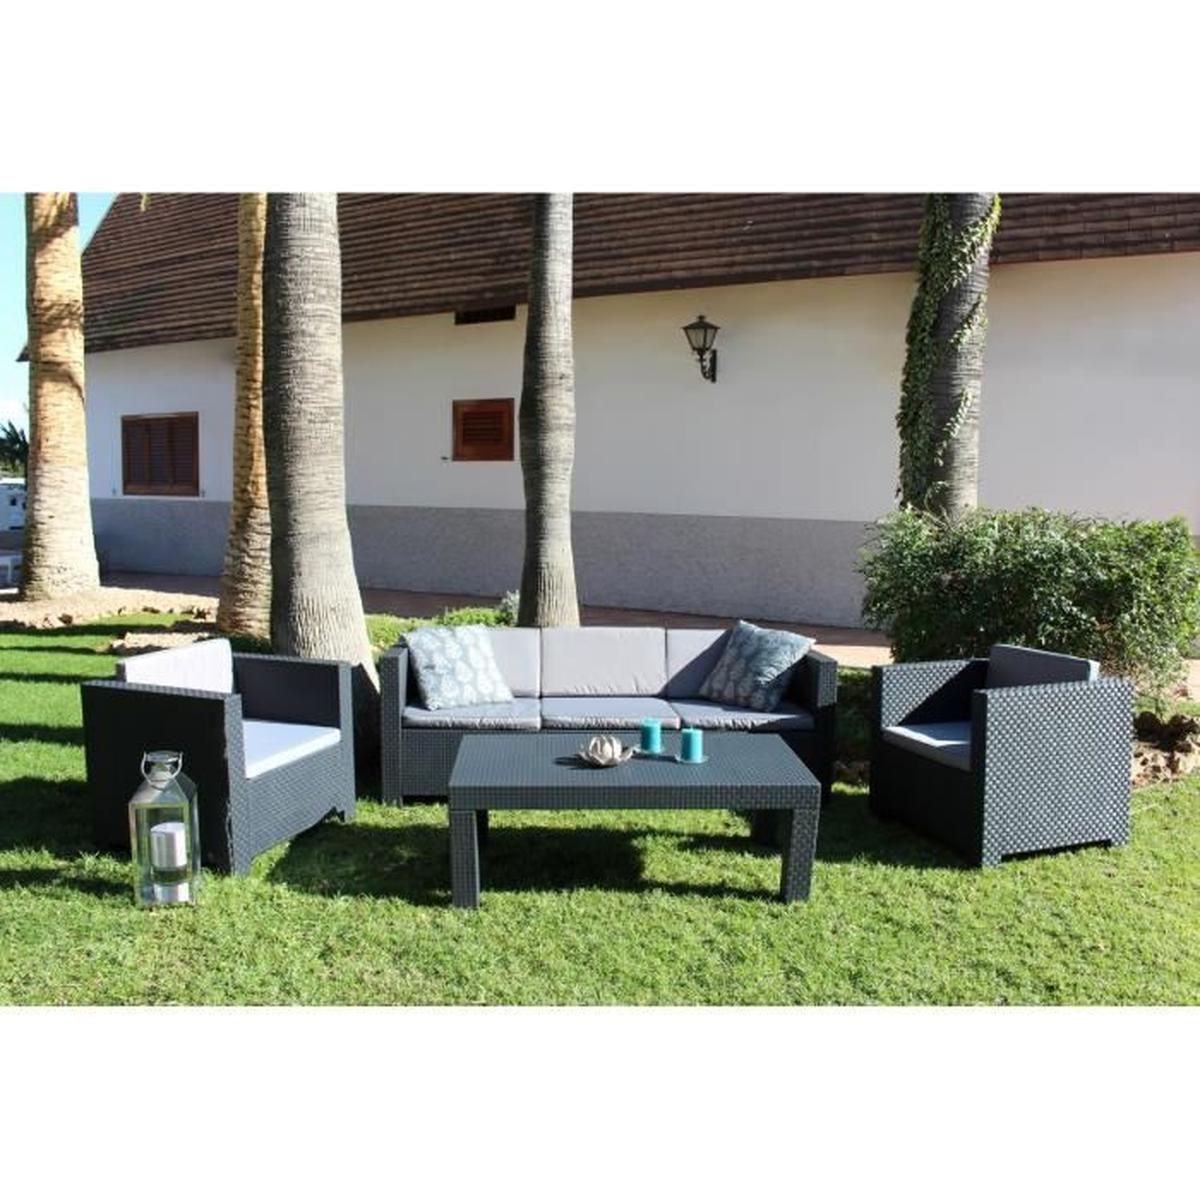 Tropea: Salon De Jardin 5 Places Effet Résine Tressée ... concernant Cdiscount Salon De Jardin